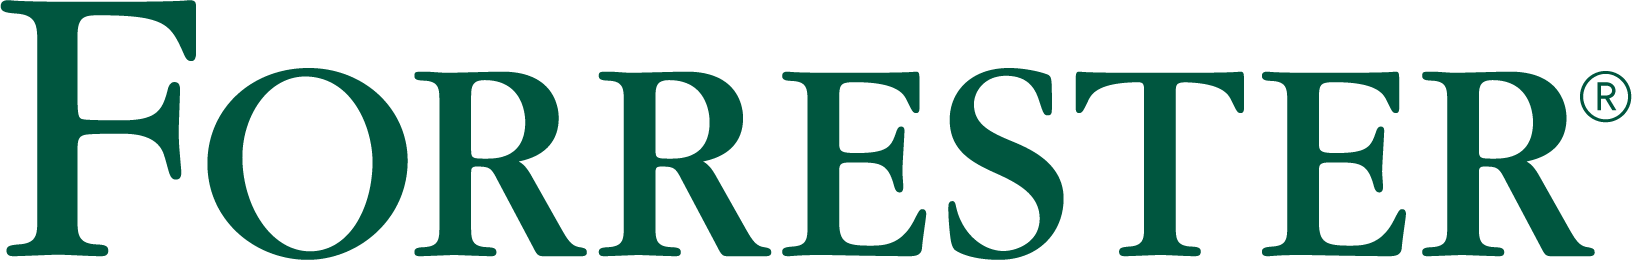 forrester-RGB_logo (1) (1)